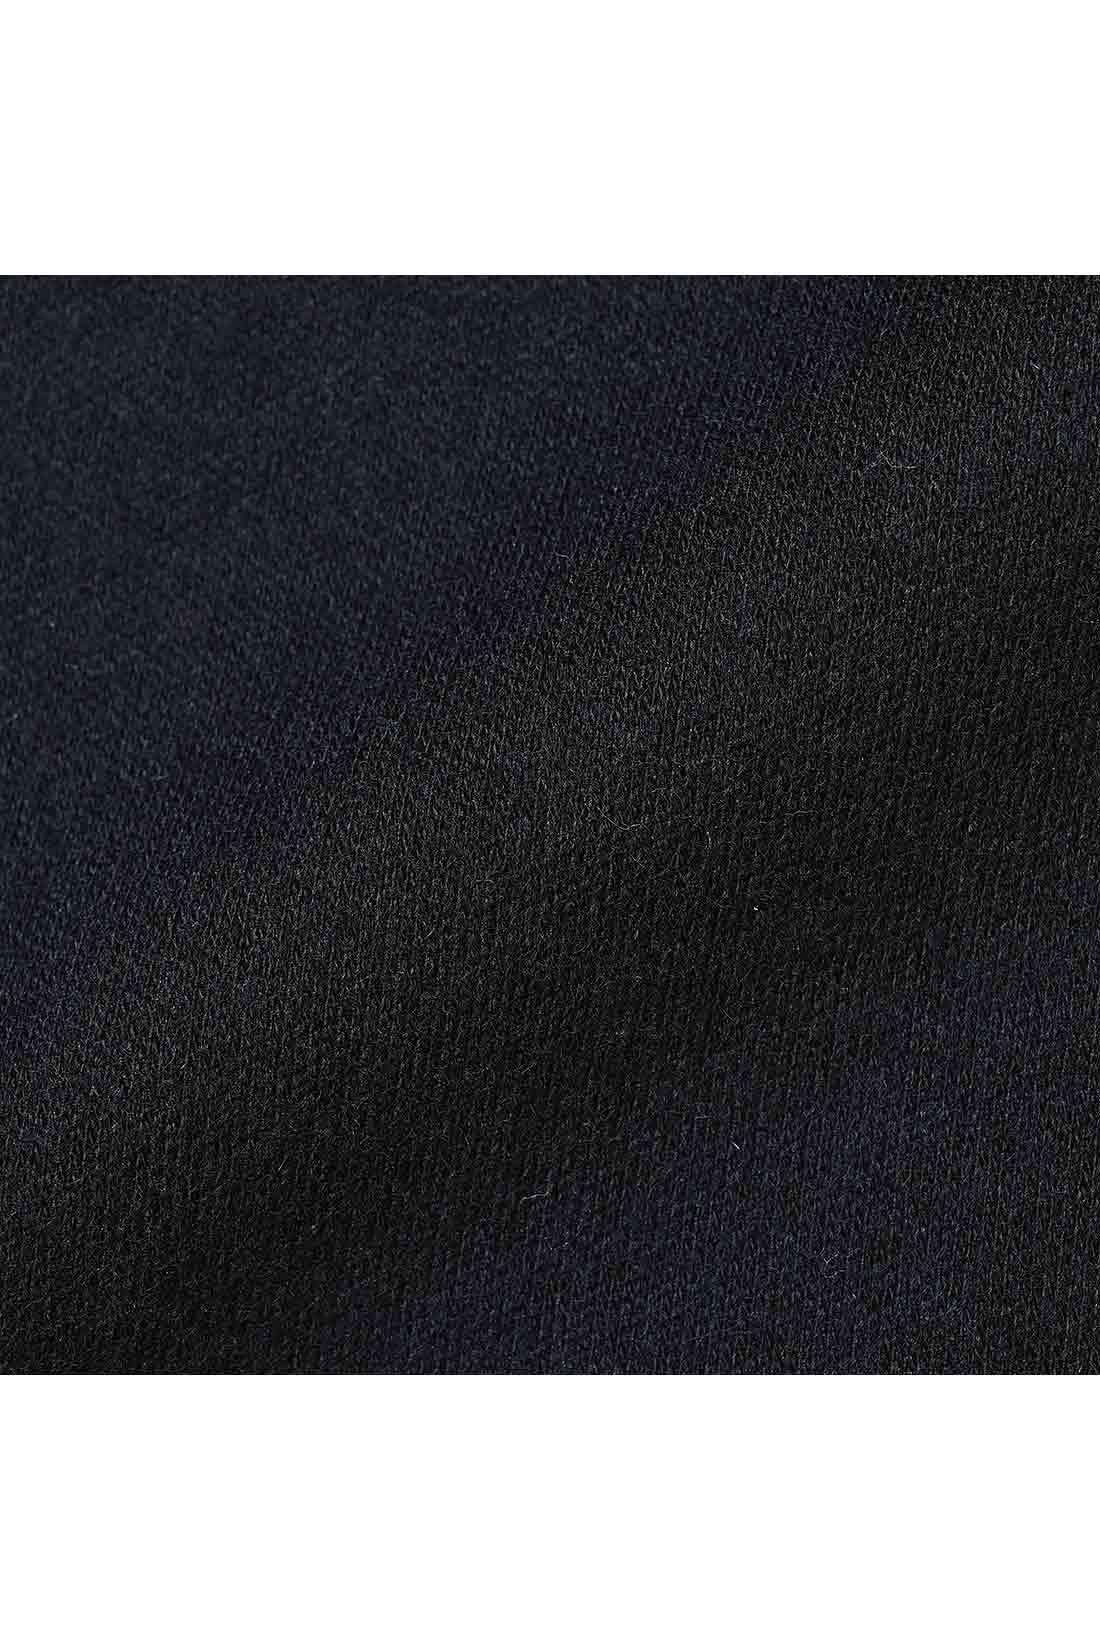 高密度できれいな表面のスムース起毛素材。マシュマロタッチが気持ちいい。